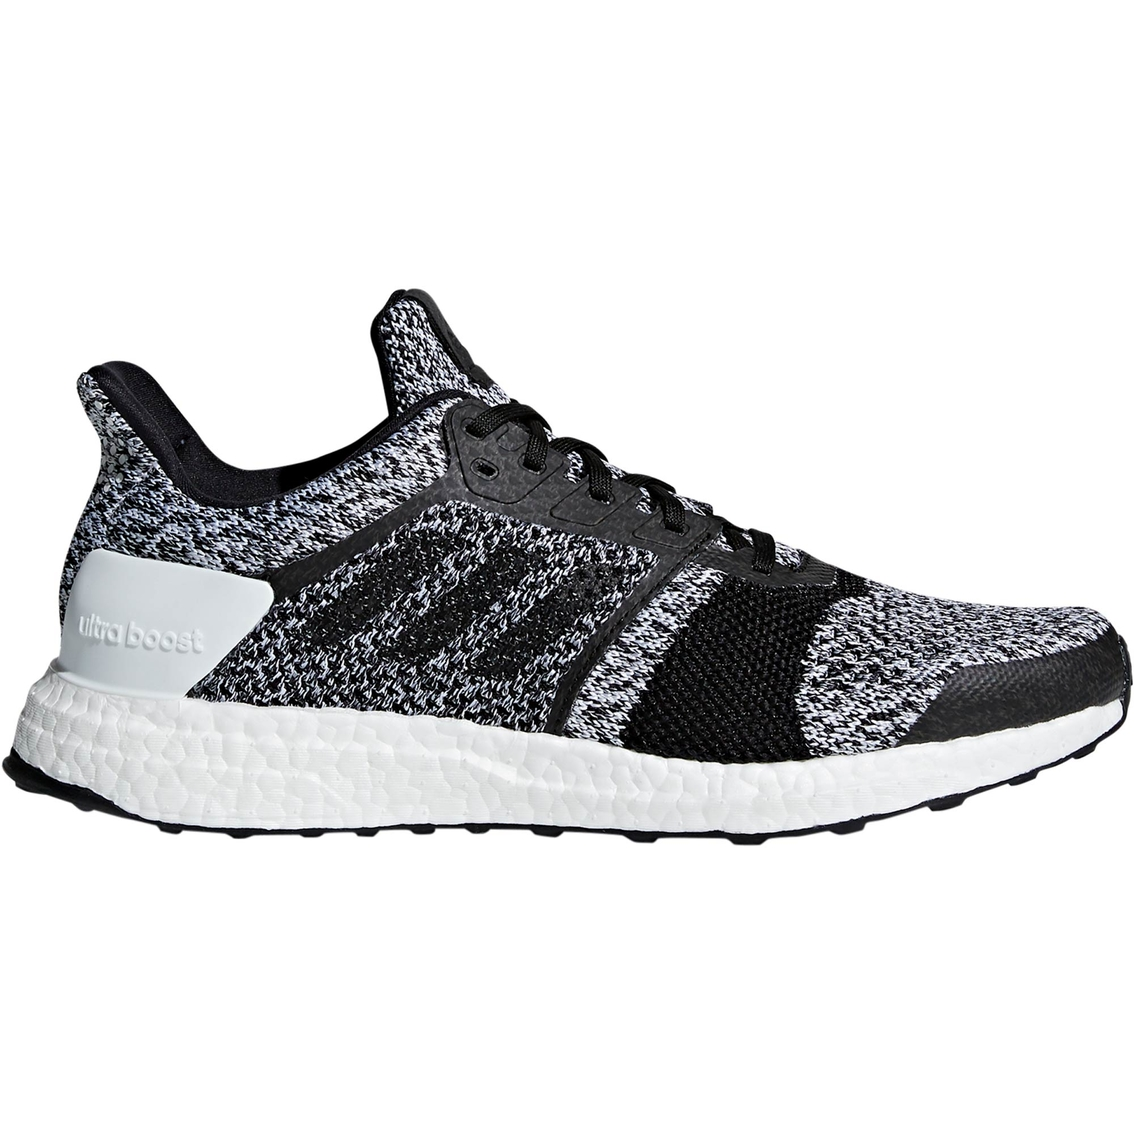 a30cb22c6 Adidas Men s Ultraboost St Running Shoes